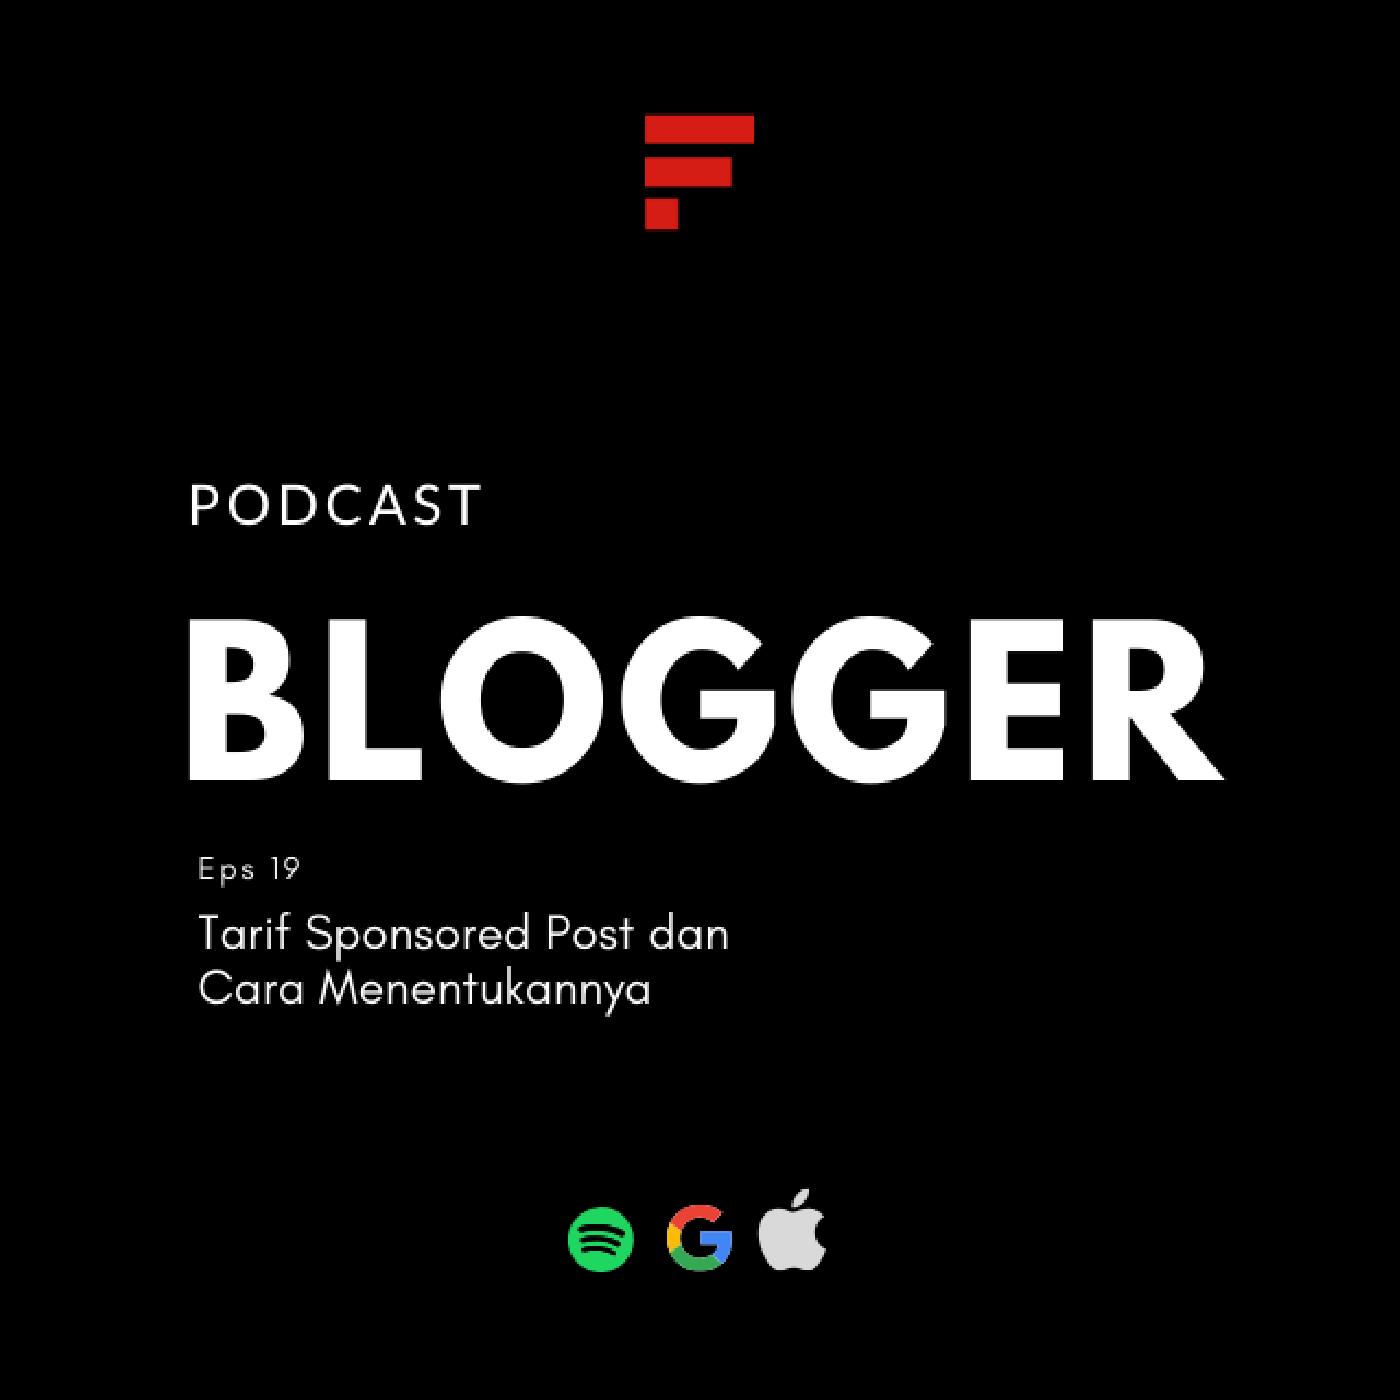 EPS19: Tarif Sponsored Post dan Cara Menentukannya